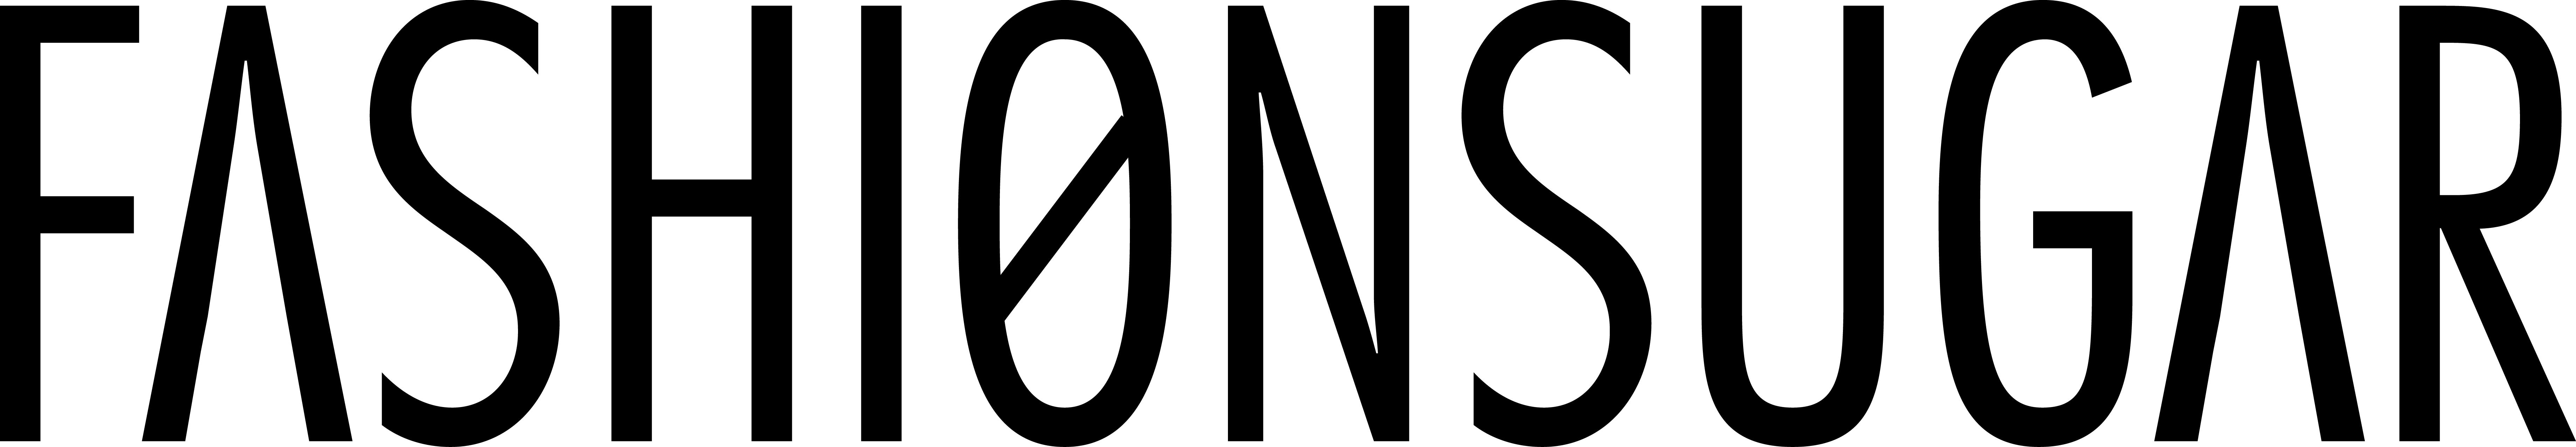 Fashionsugar.sk